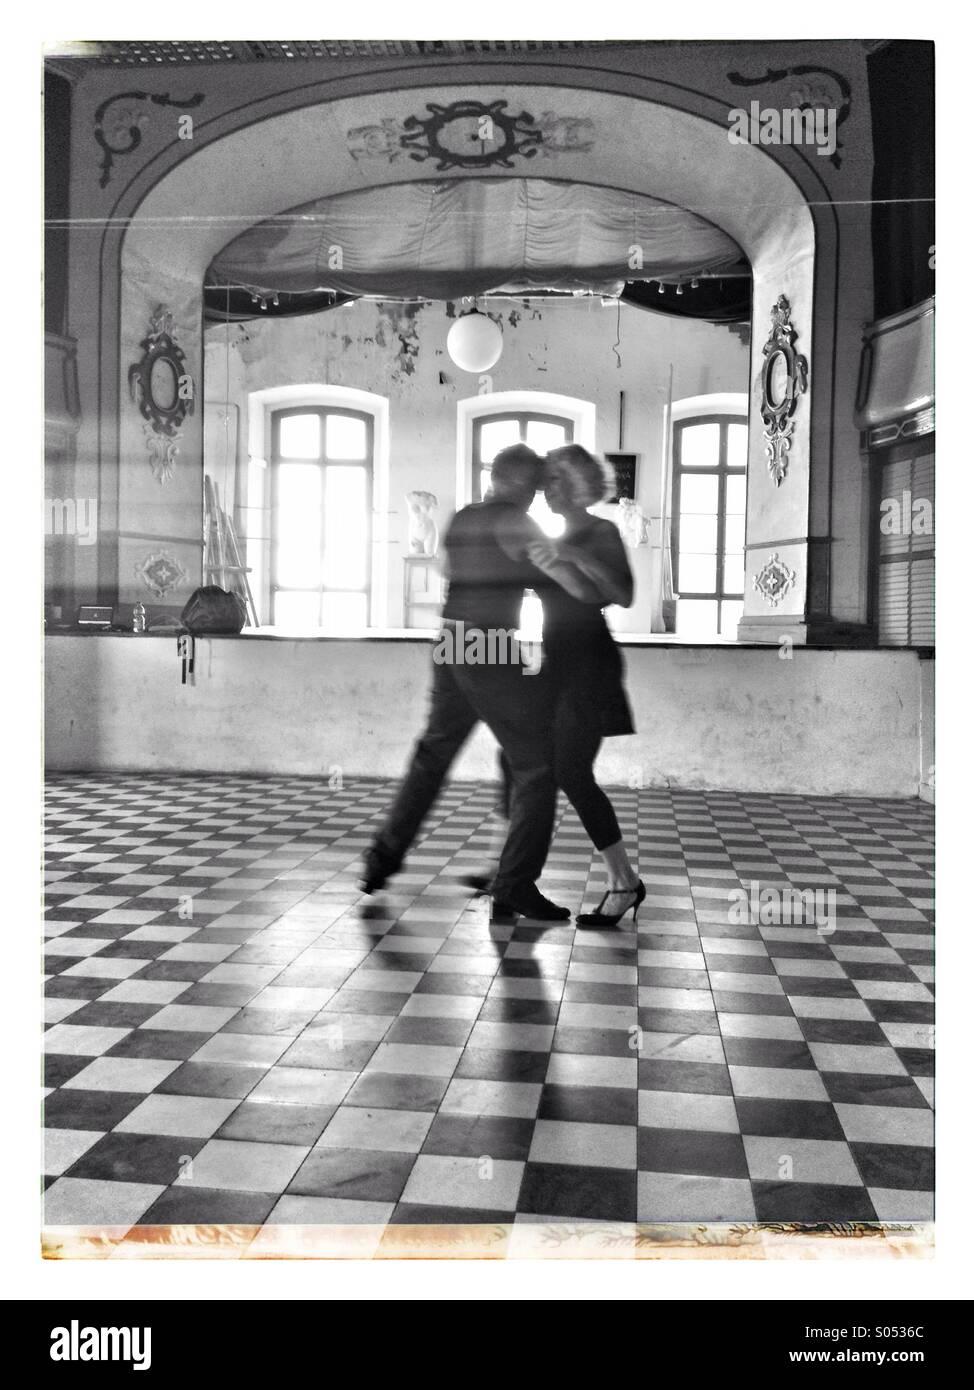 Coppia danzante un tango. Immagini Stock